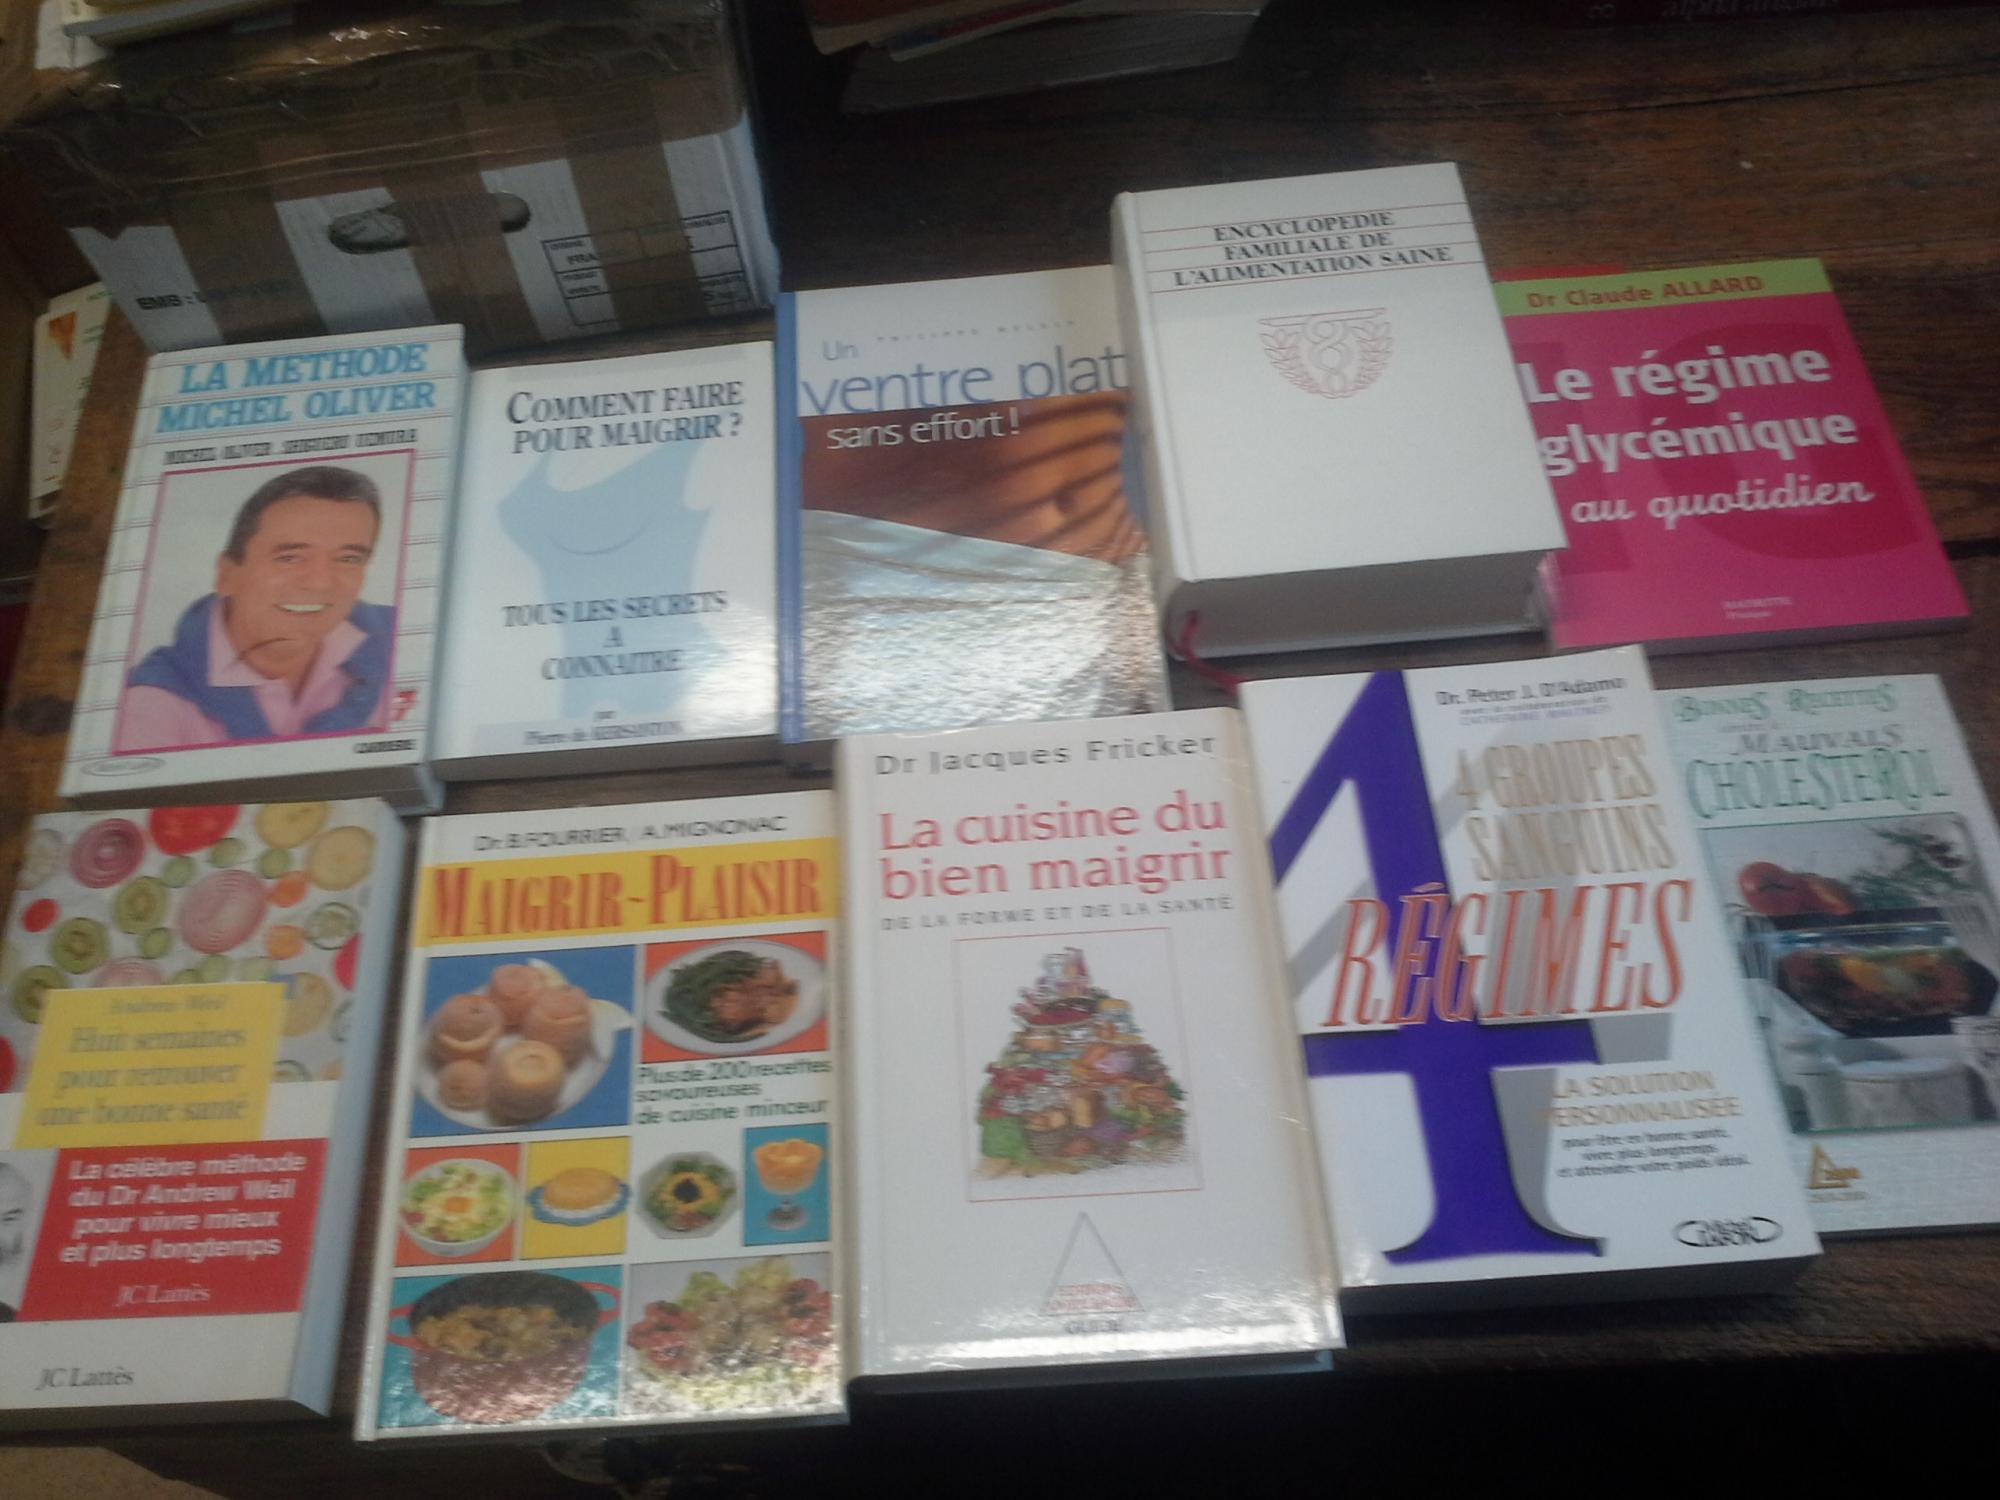 lot 22 livres pour maigrir sant di t tique recettes. Black Bedroom Furniture Sets. Home Design Ideas